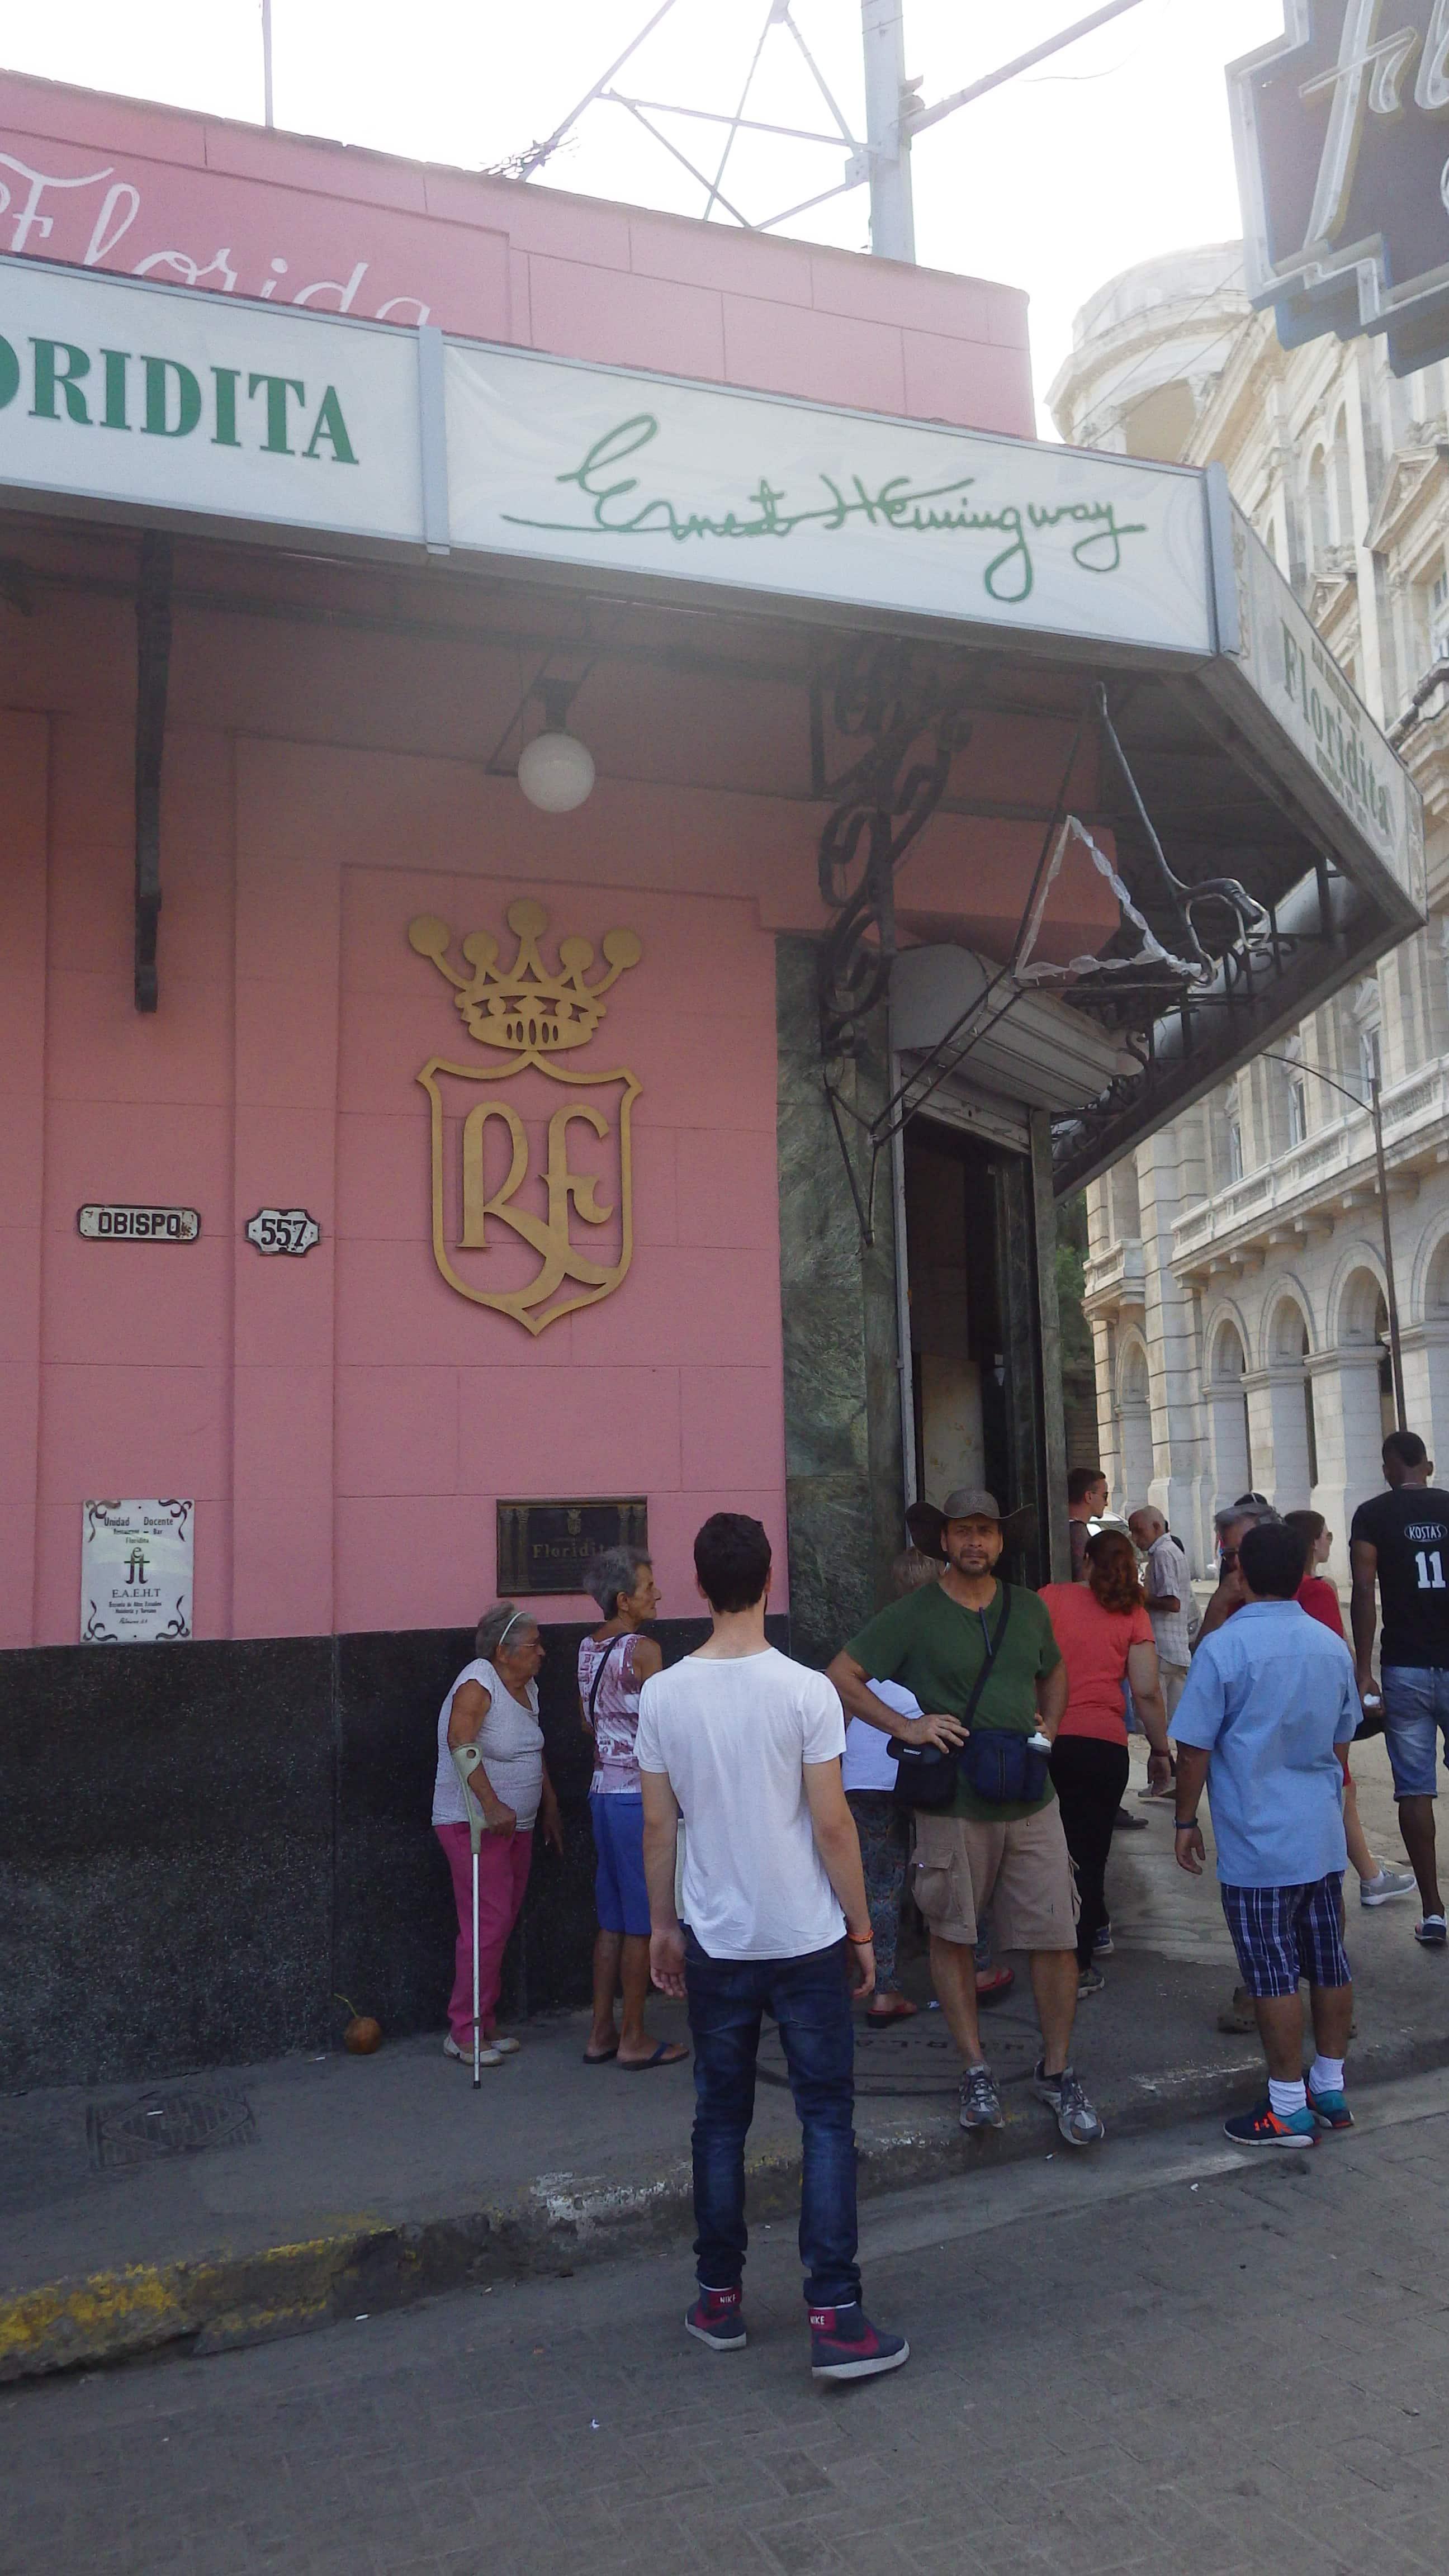 Bar Floridita, principio de la calle Obispo. Marta Lora.